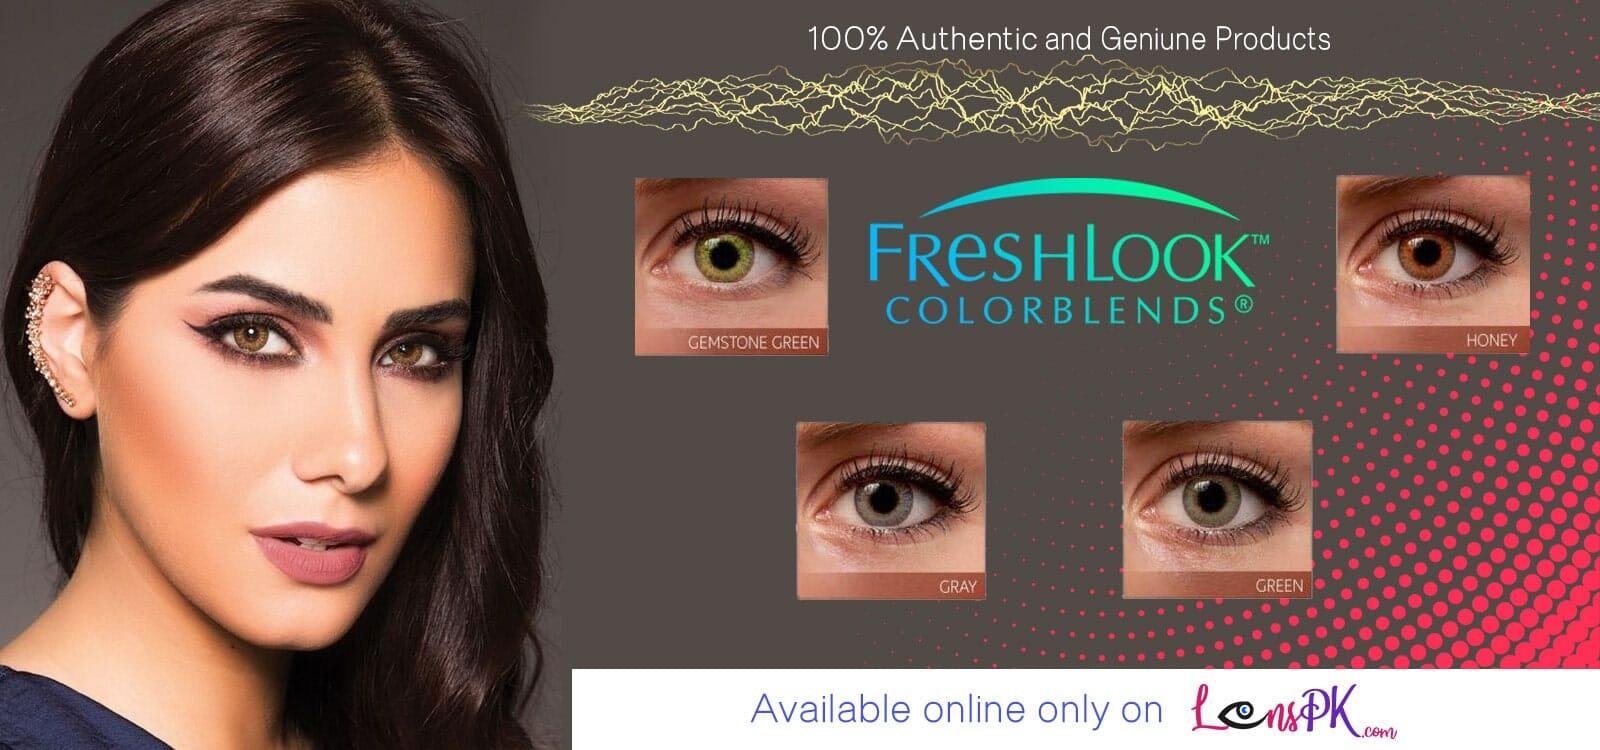 Buy Freshlook Colorblends Contact Lenses Online - lenspk.com